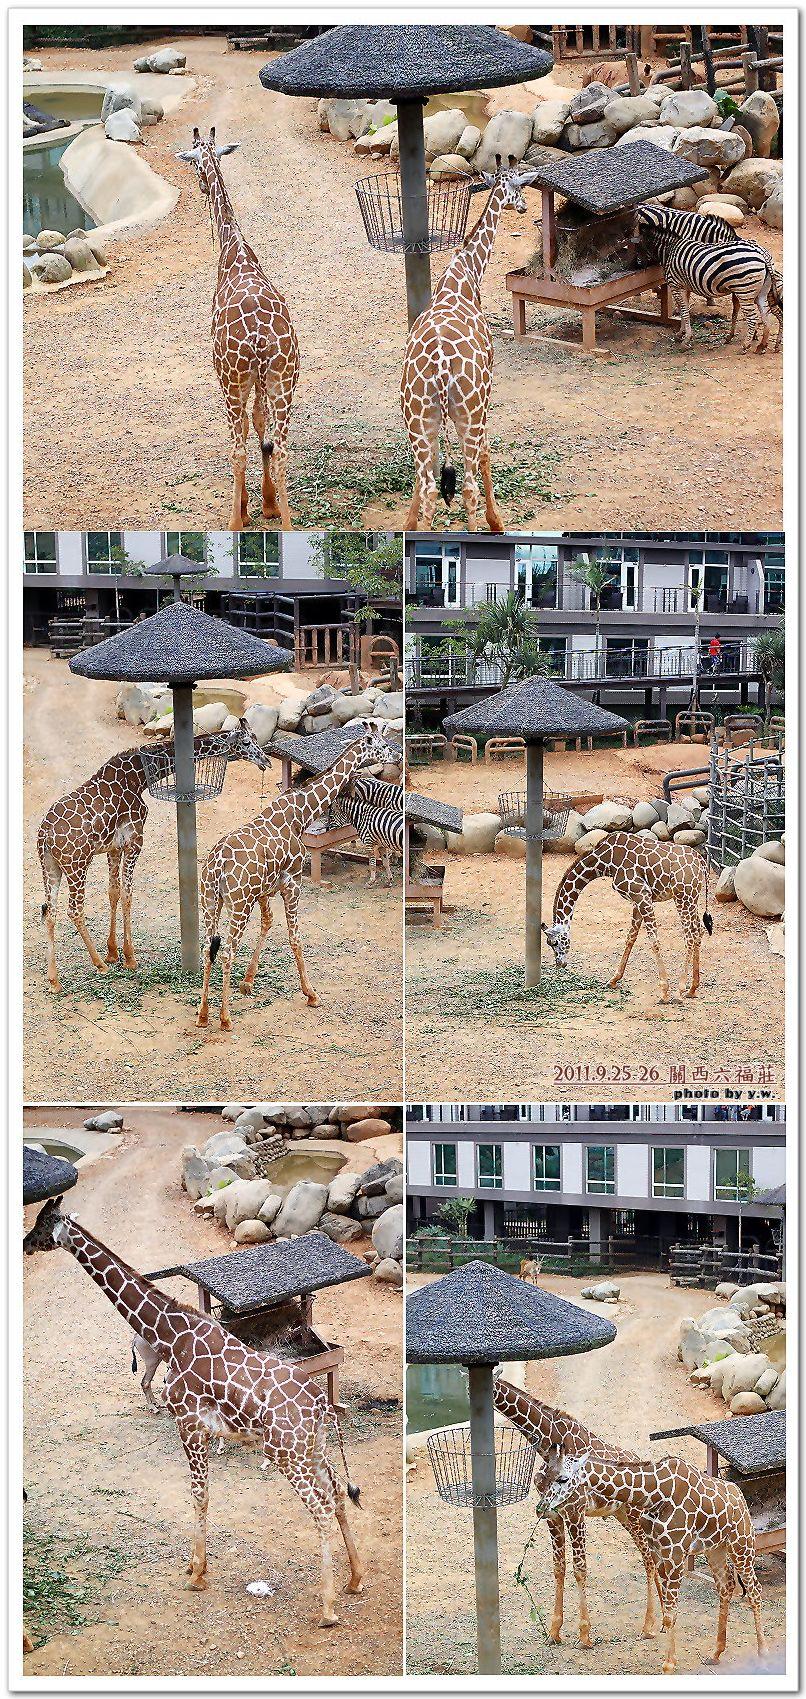 201109六福莊_羊羊鹿合集.jpg